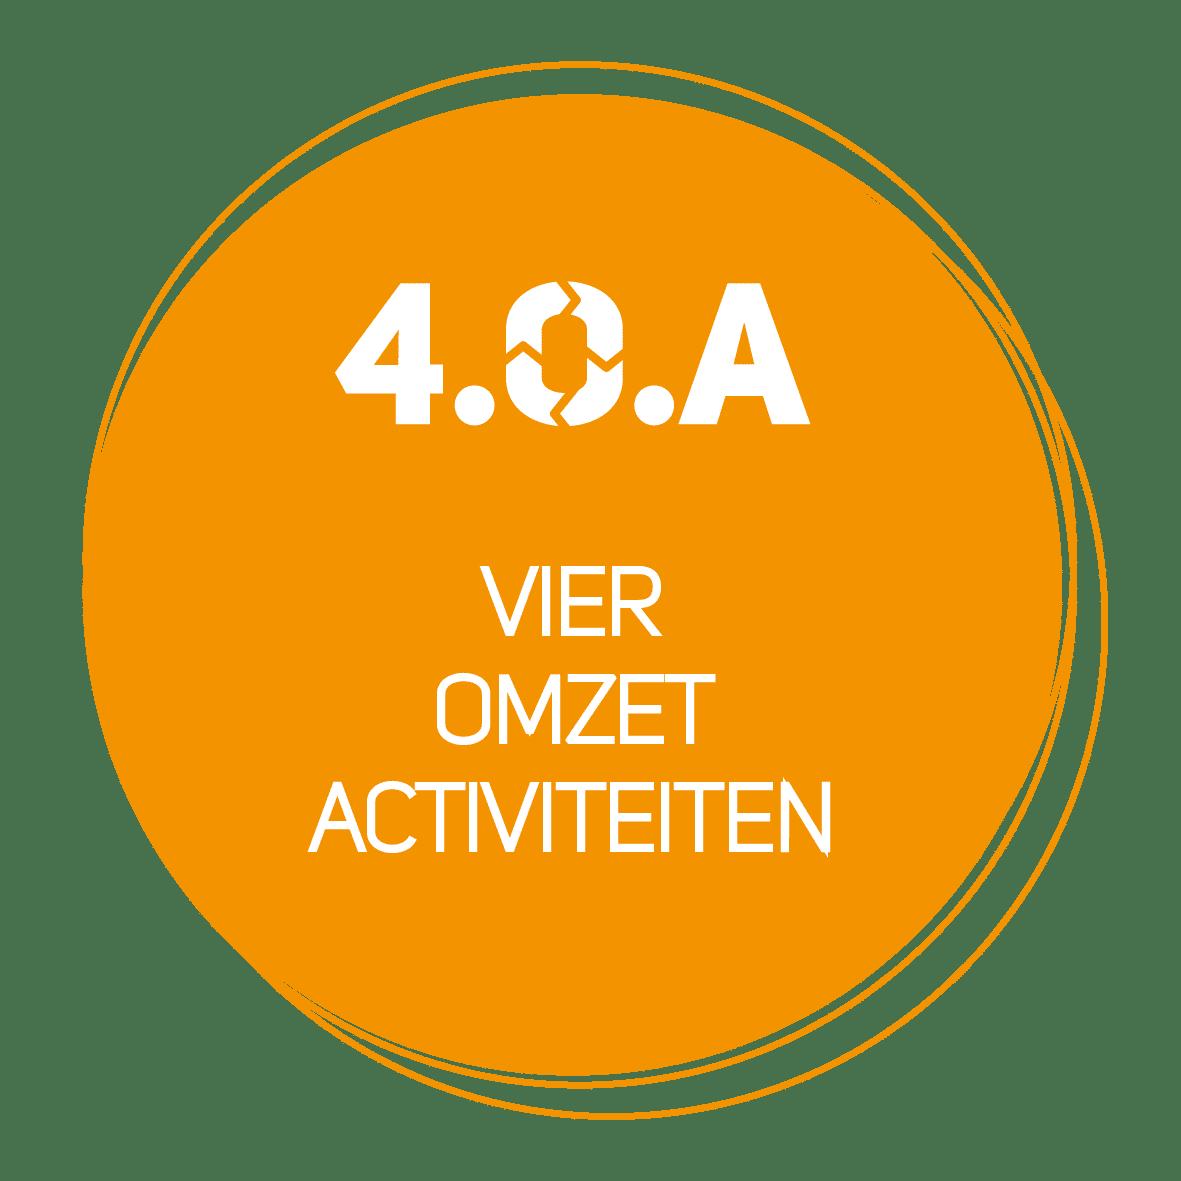 sites/41164617/Vier Omzet Activiteiten.png